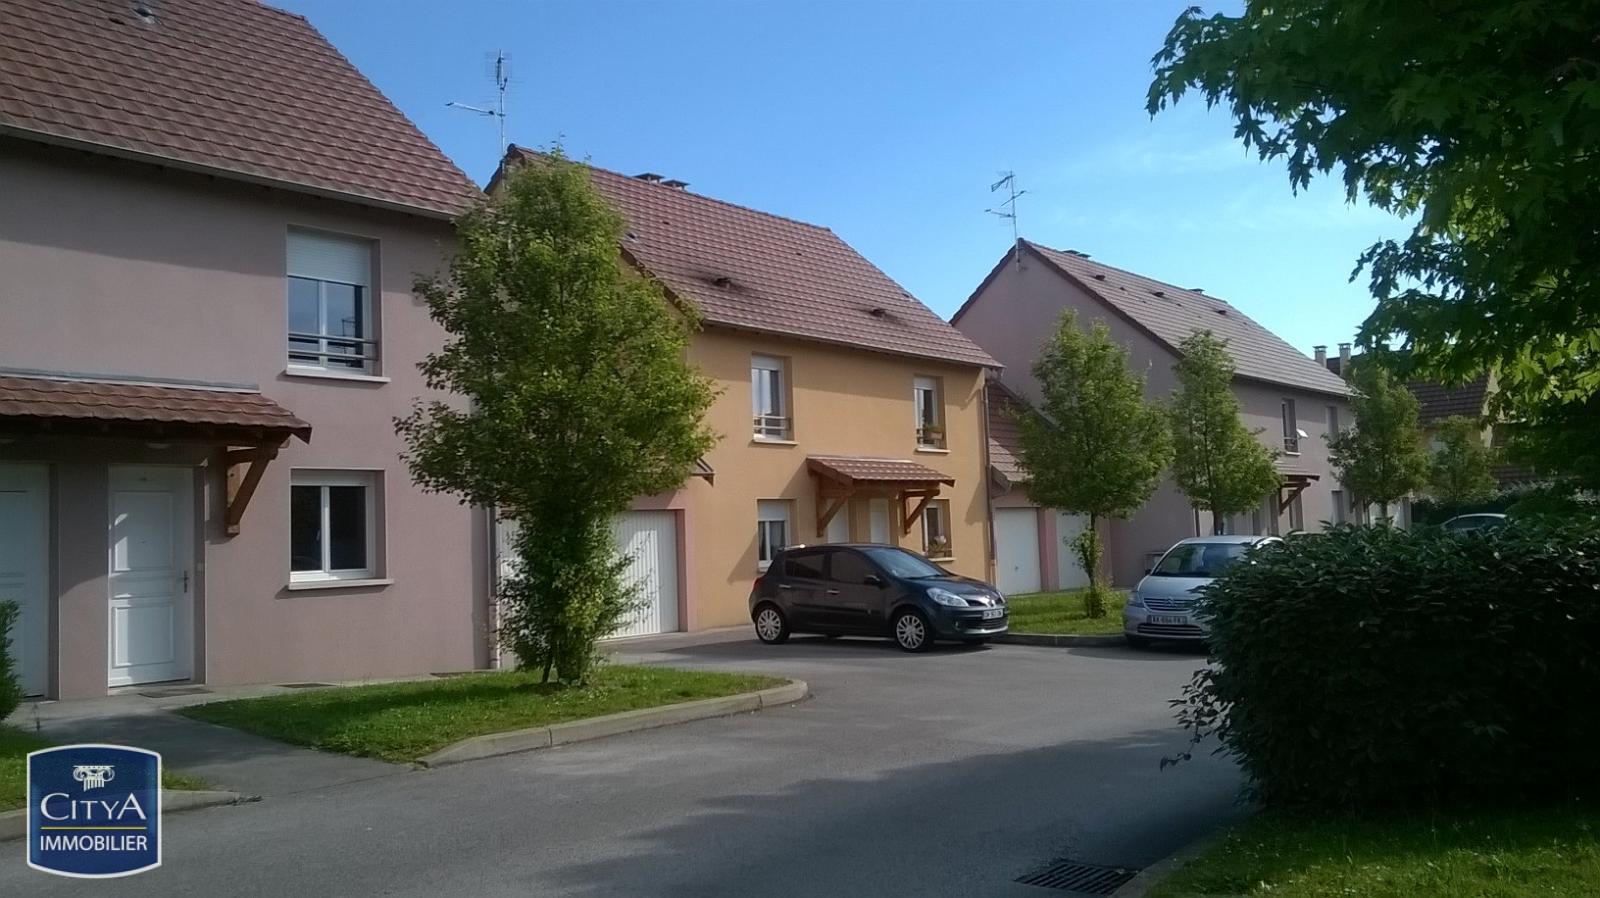 Maison/villa 3 pièces 69 m²